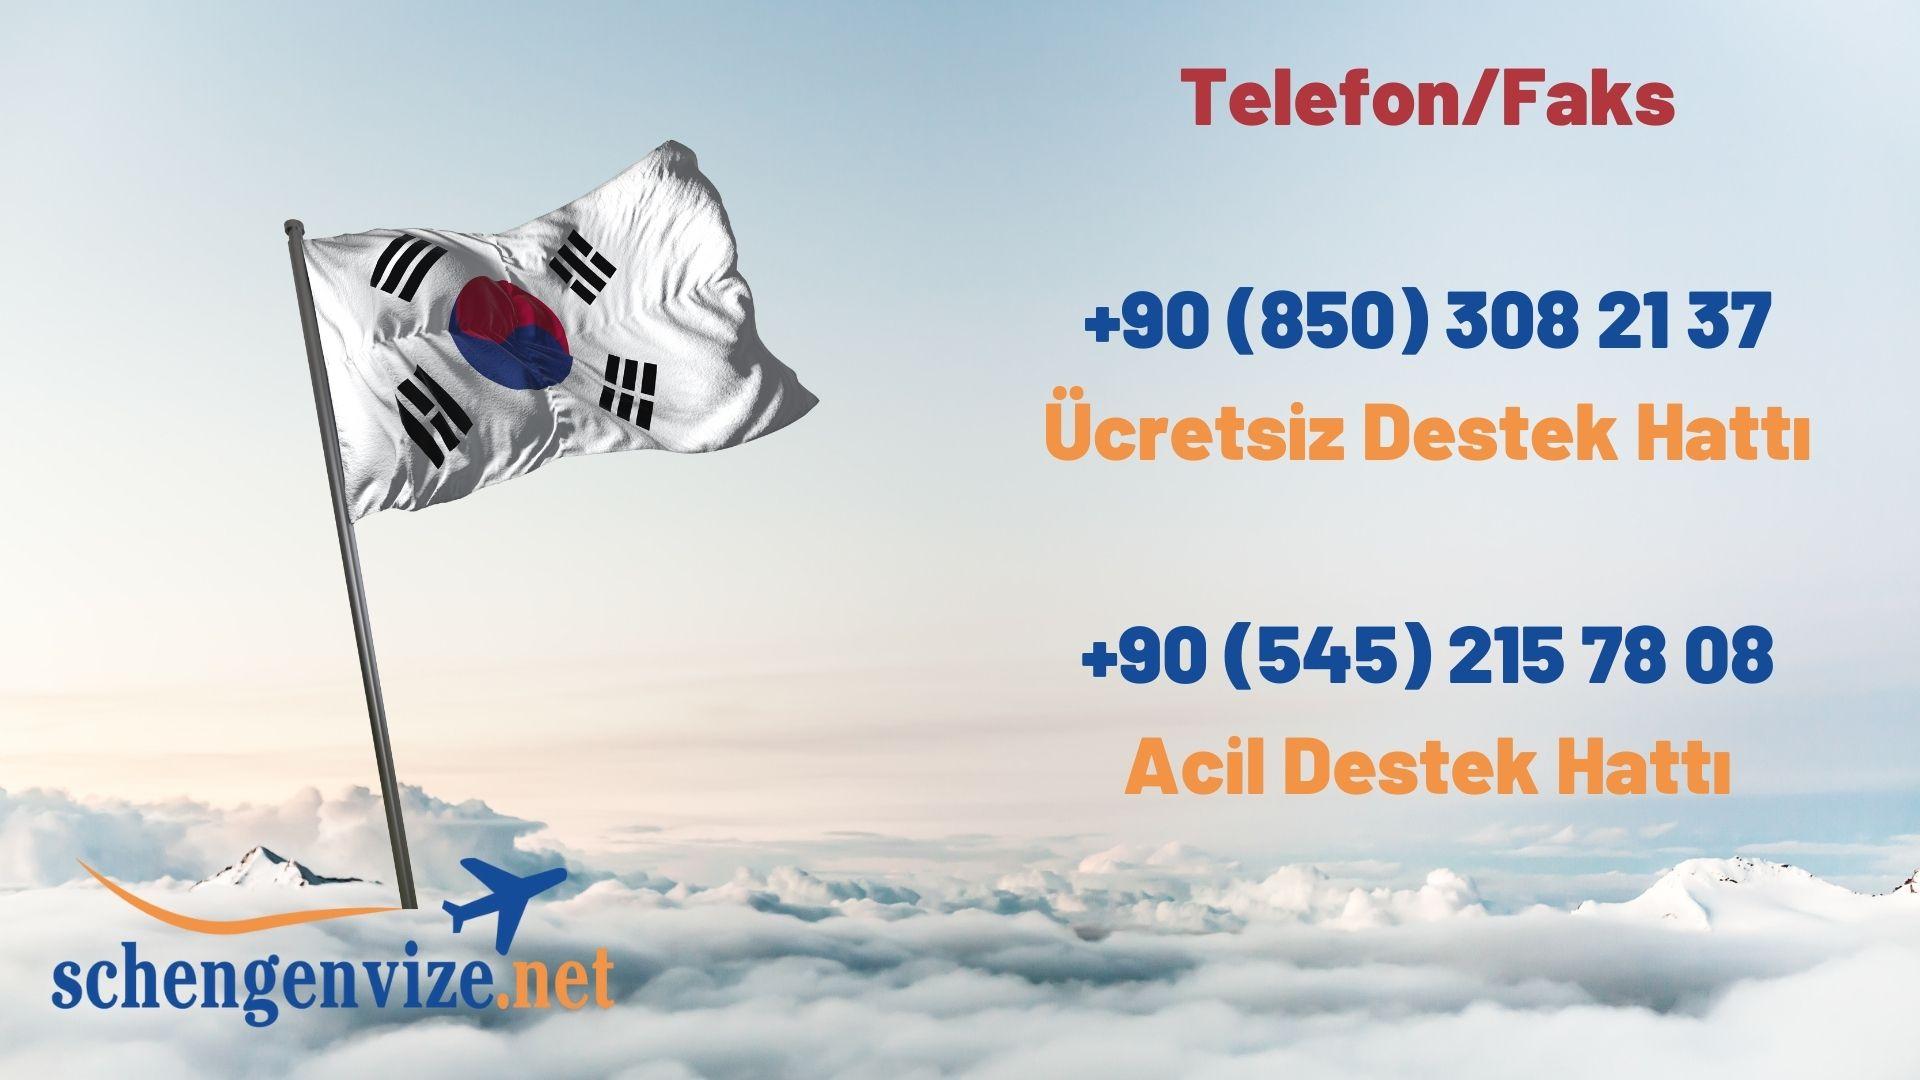 Kore Vize İstiyor Mu